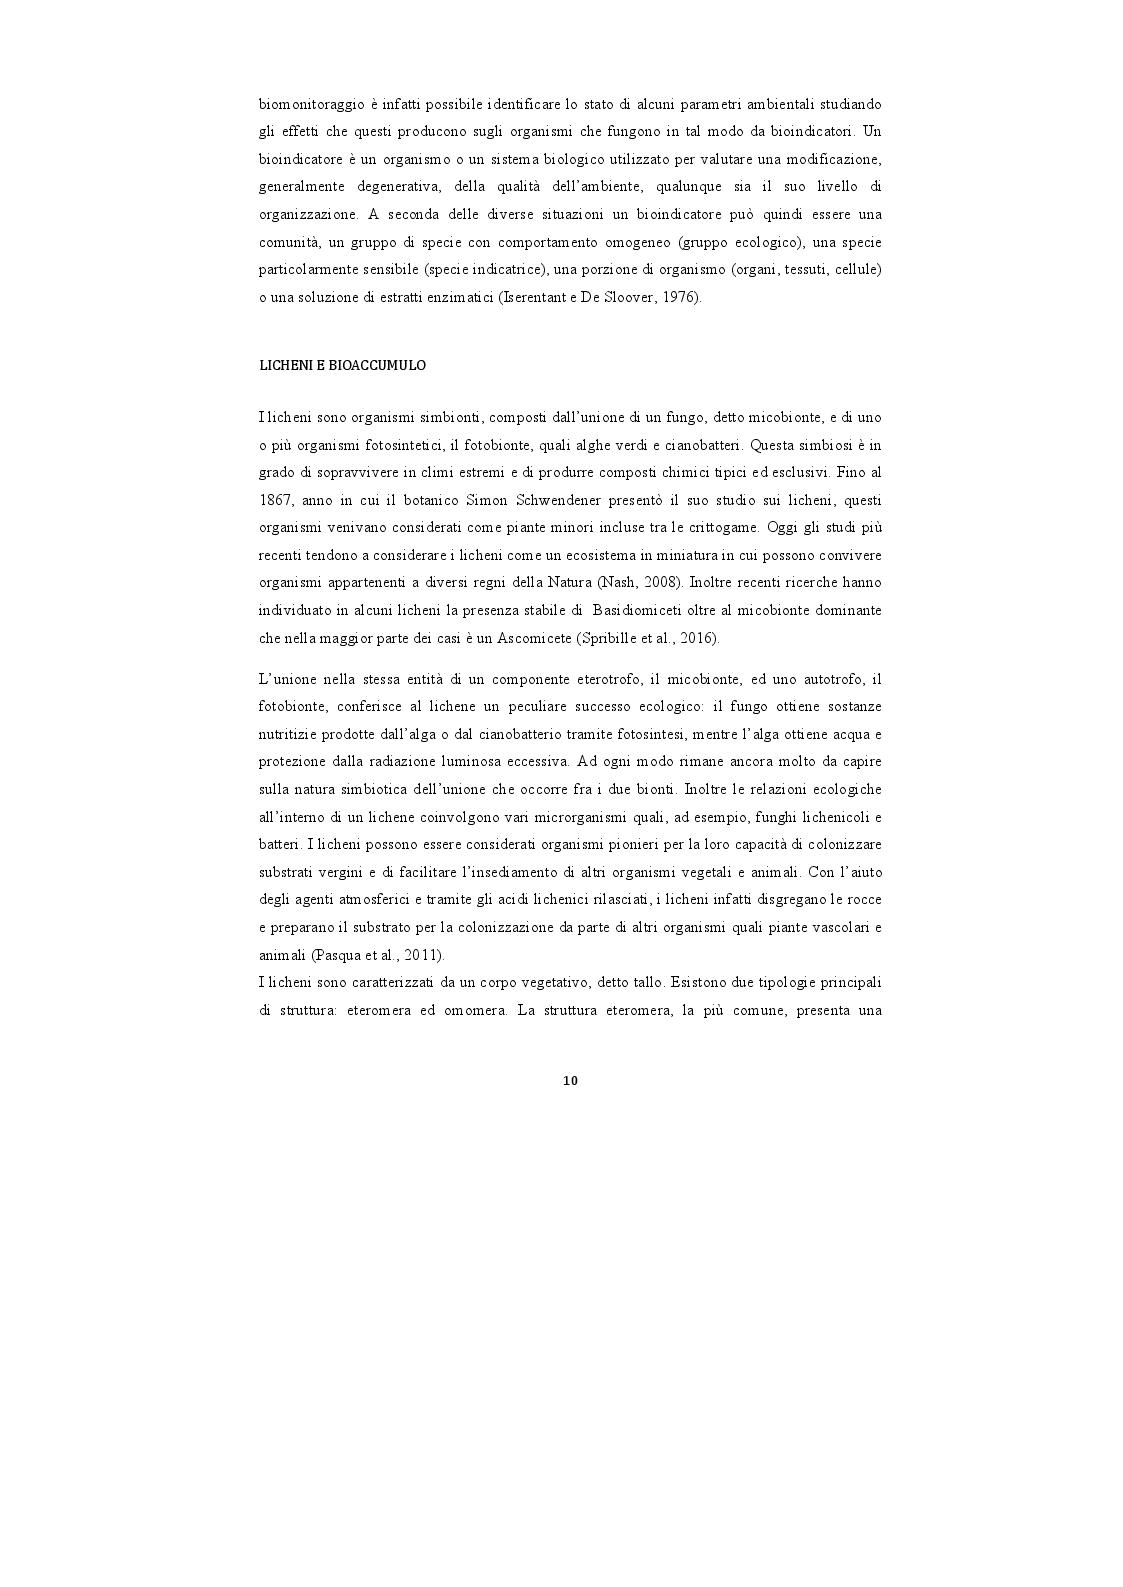 Estratto dalla tesi: Analisi di campioni di licheni prelevati nel Parco Nazionale della Majella per la definizione di una baseline di elementi inorganici